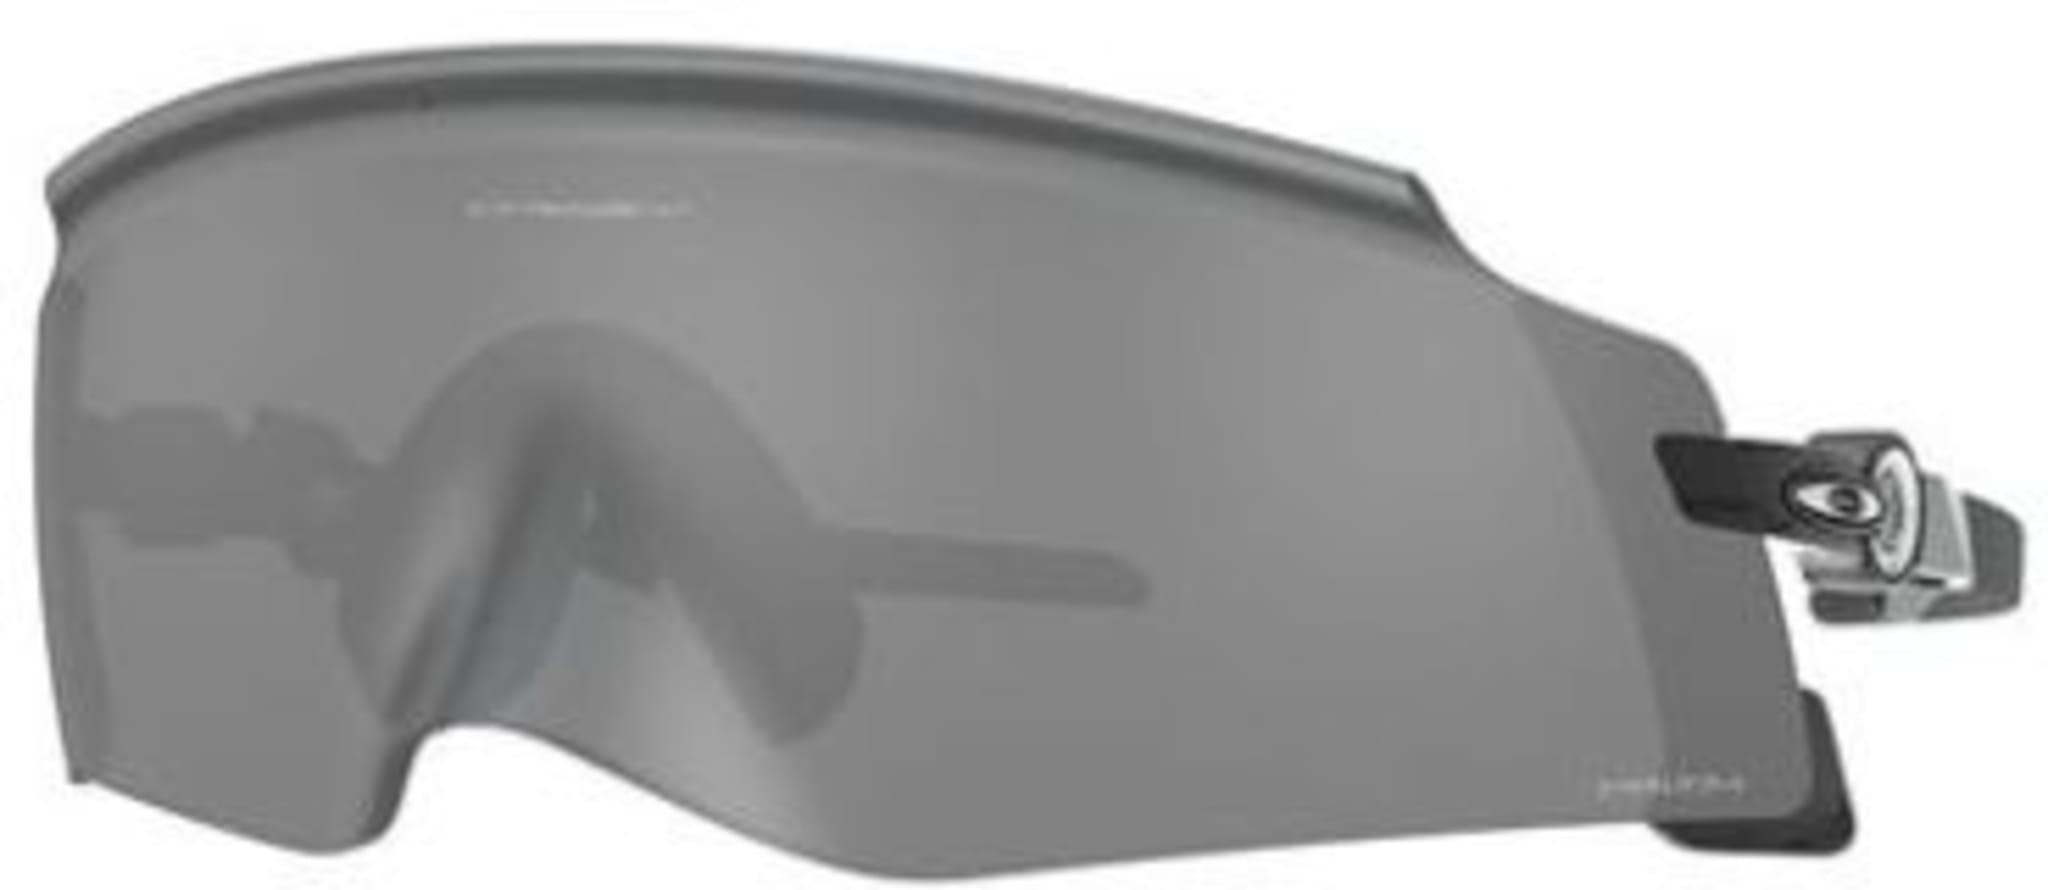 Nyhet fra Oakley - deres råeste sportsbrille noensinne!